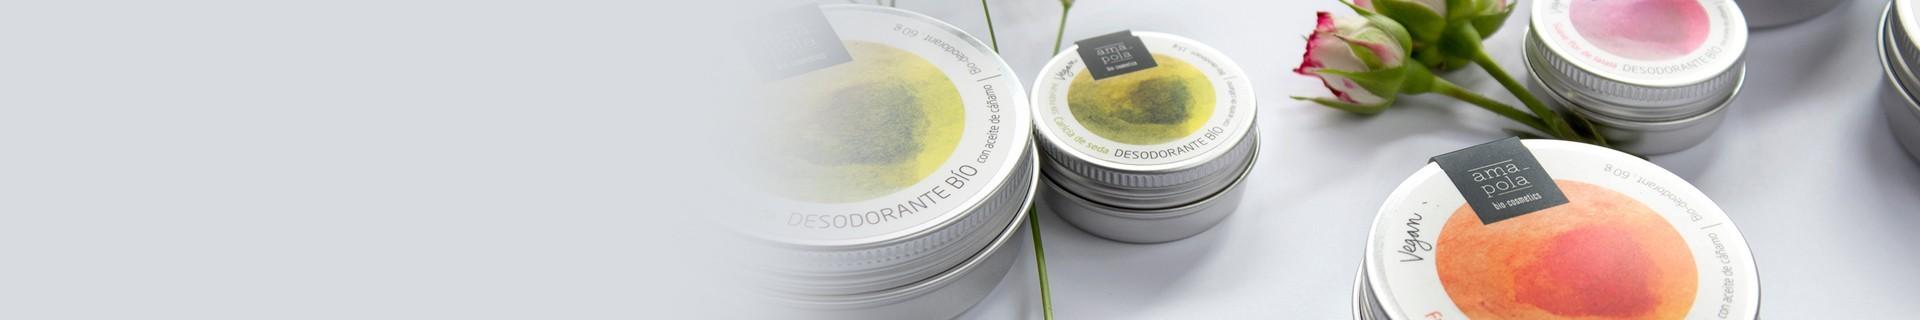 Desodorantes Amapola Biocosmetics - Desodorantes Ecológicos